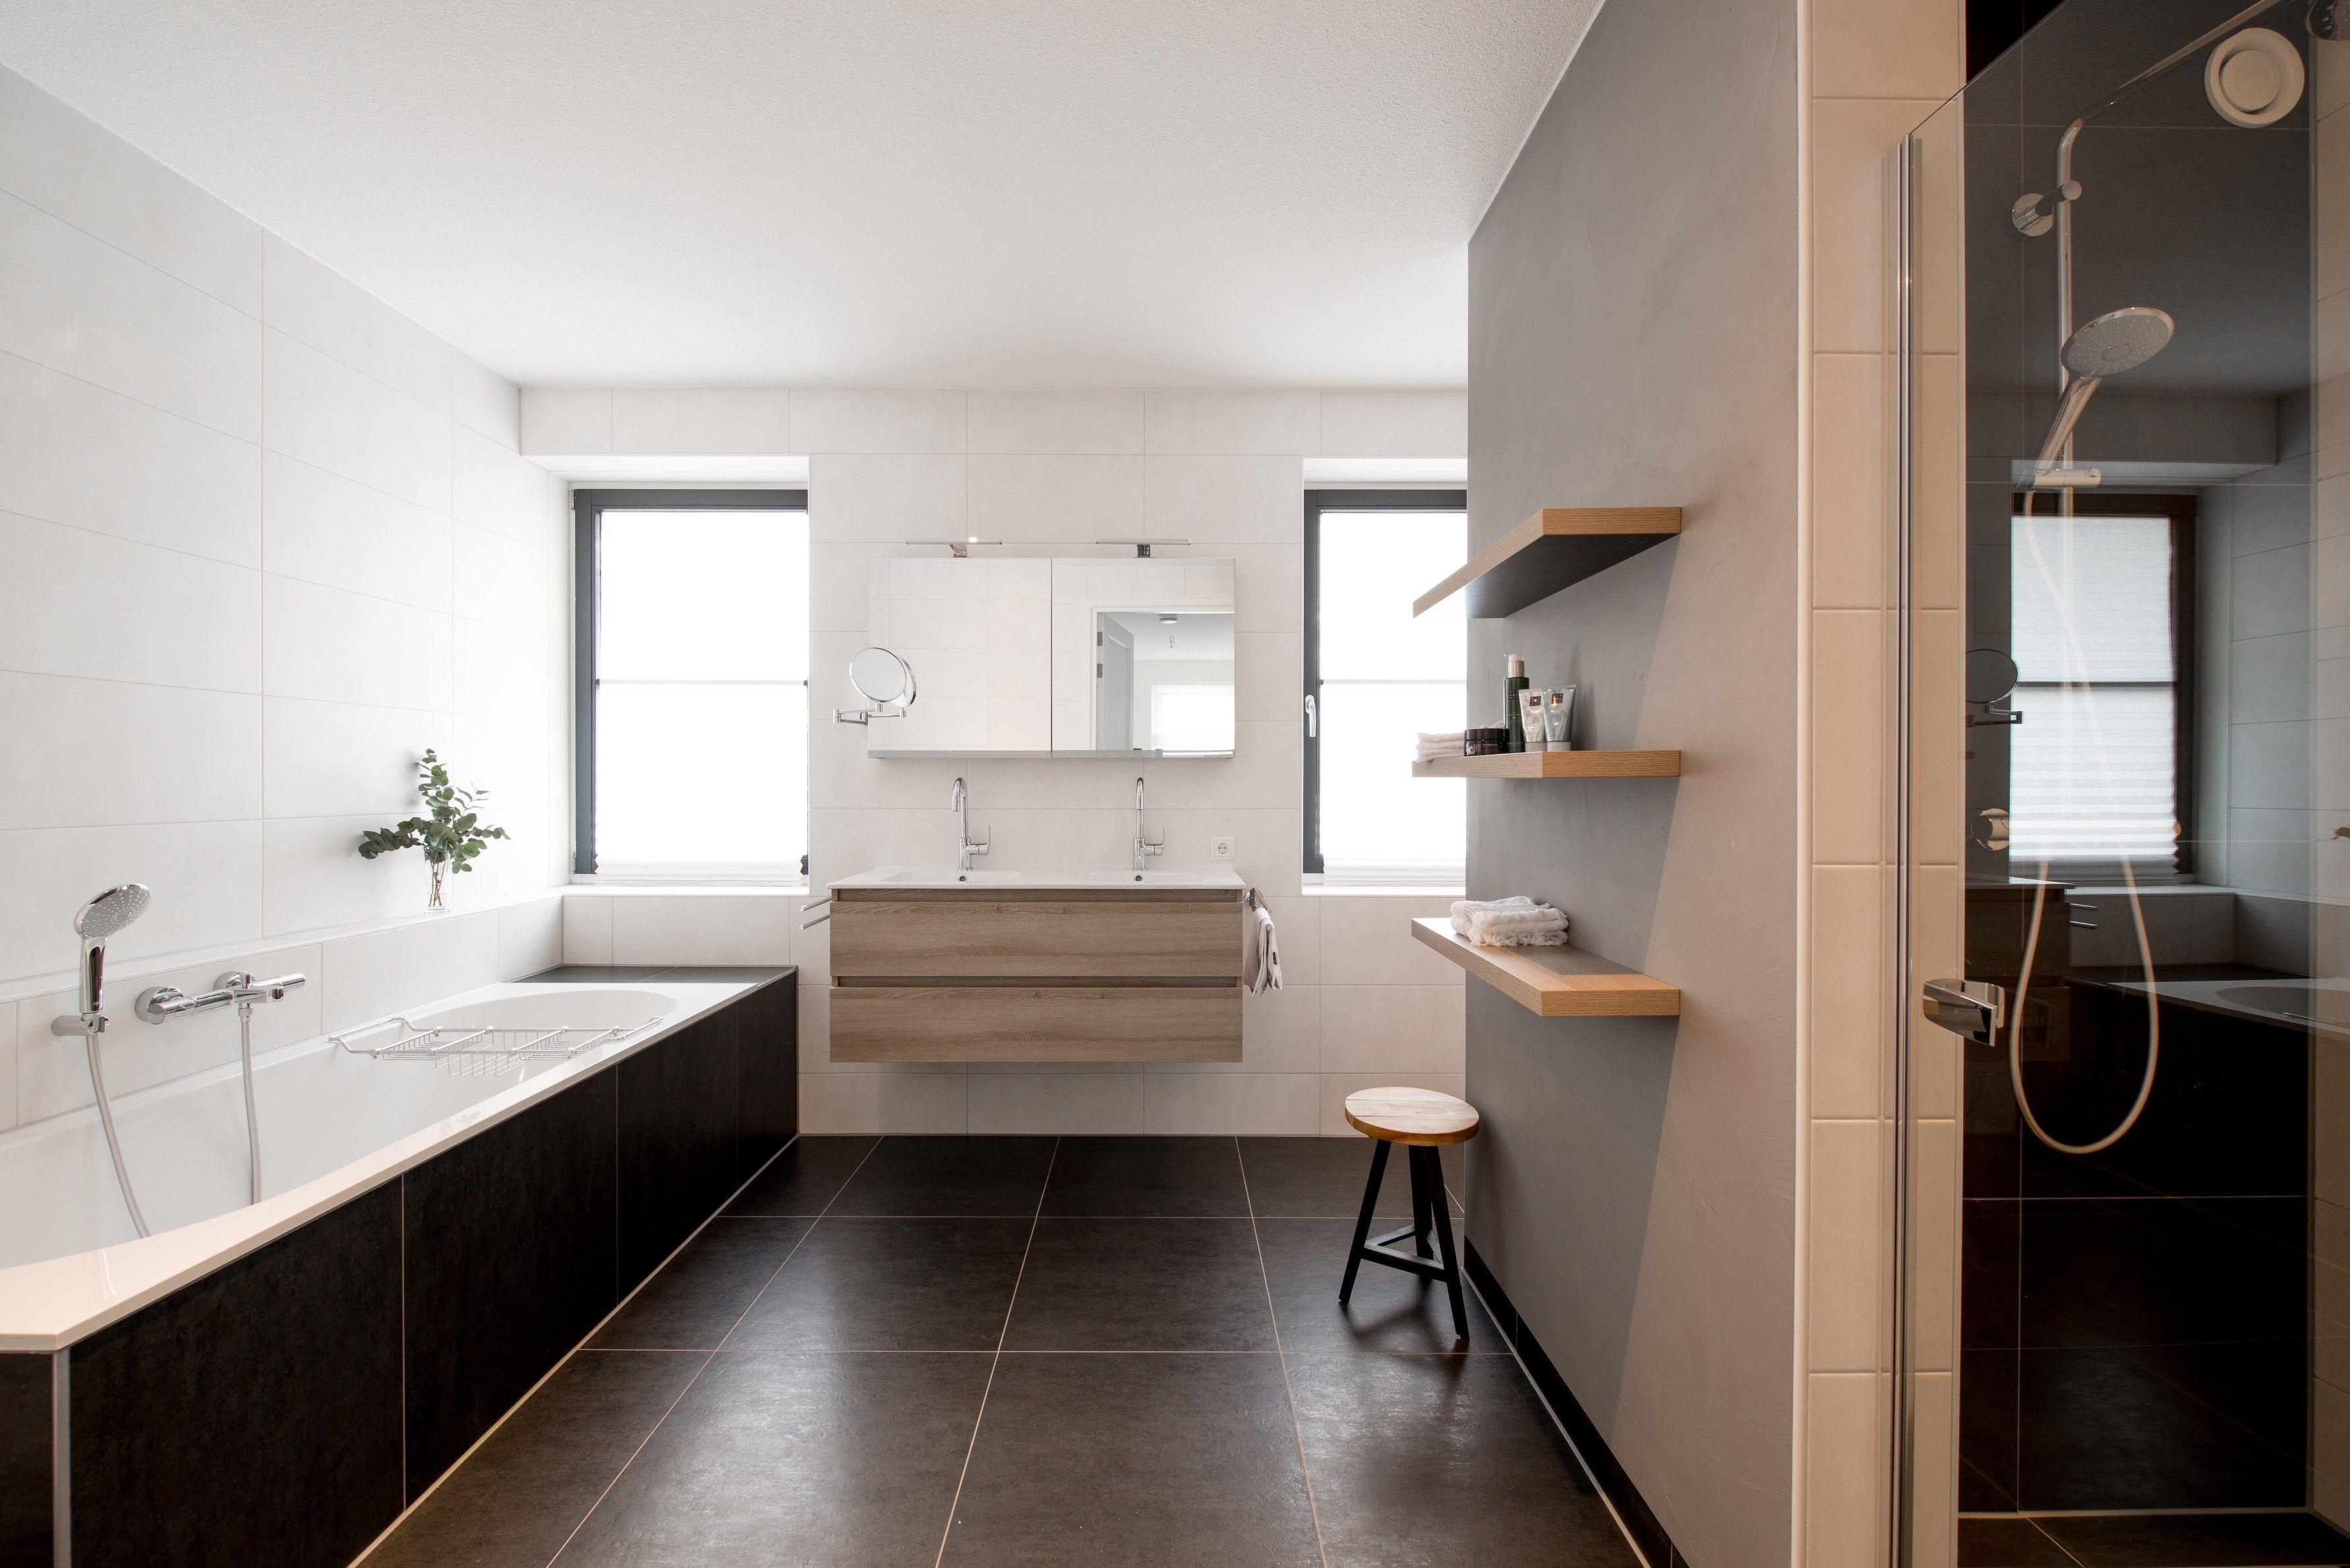 Een modern landelijke badkamer van middelkoop hier hebben we een